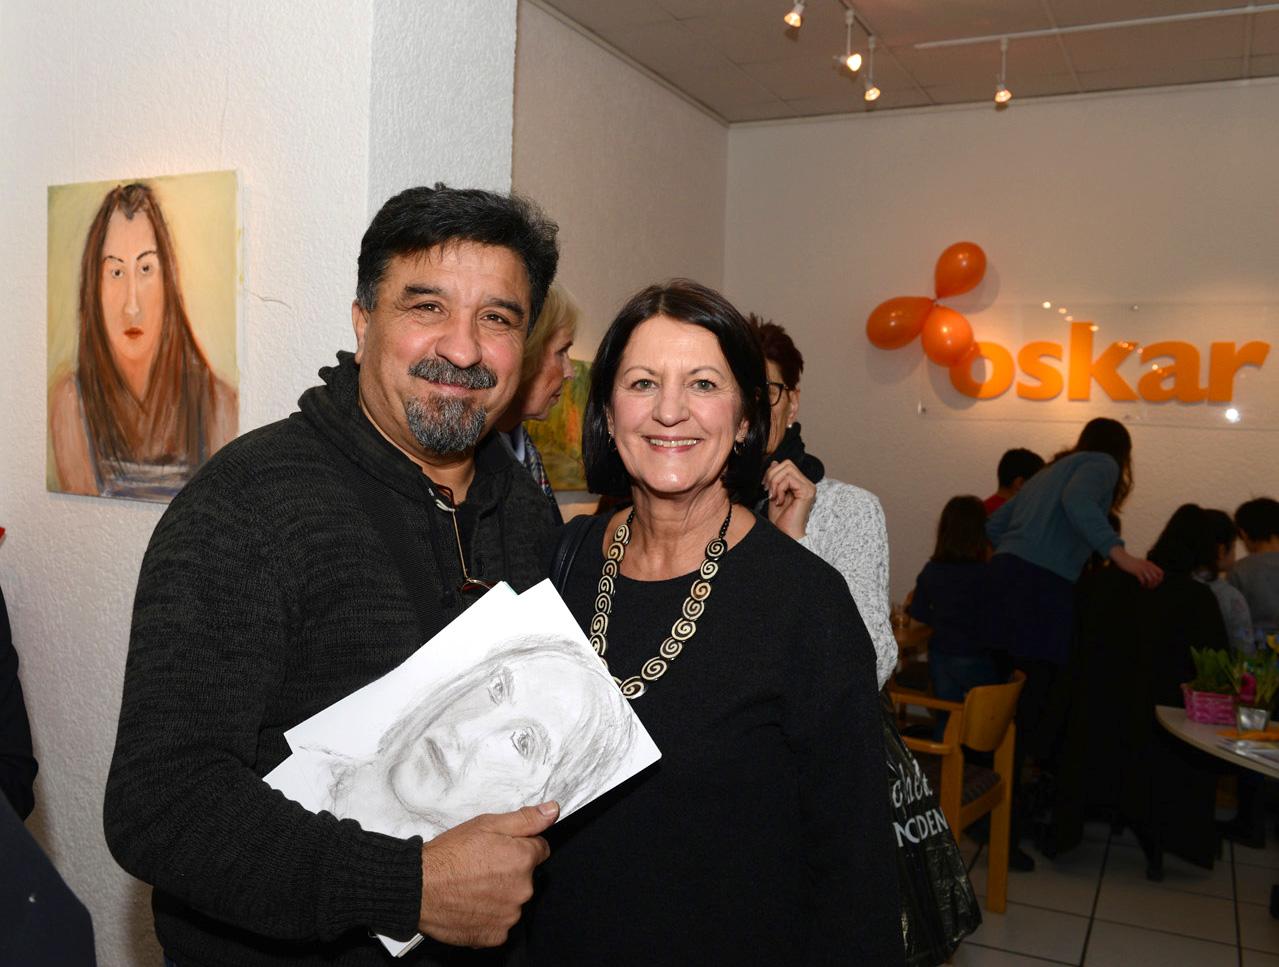 ein Mann steht neben einer Frau und hält eine Zeichnung